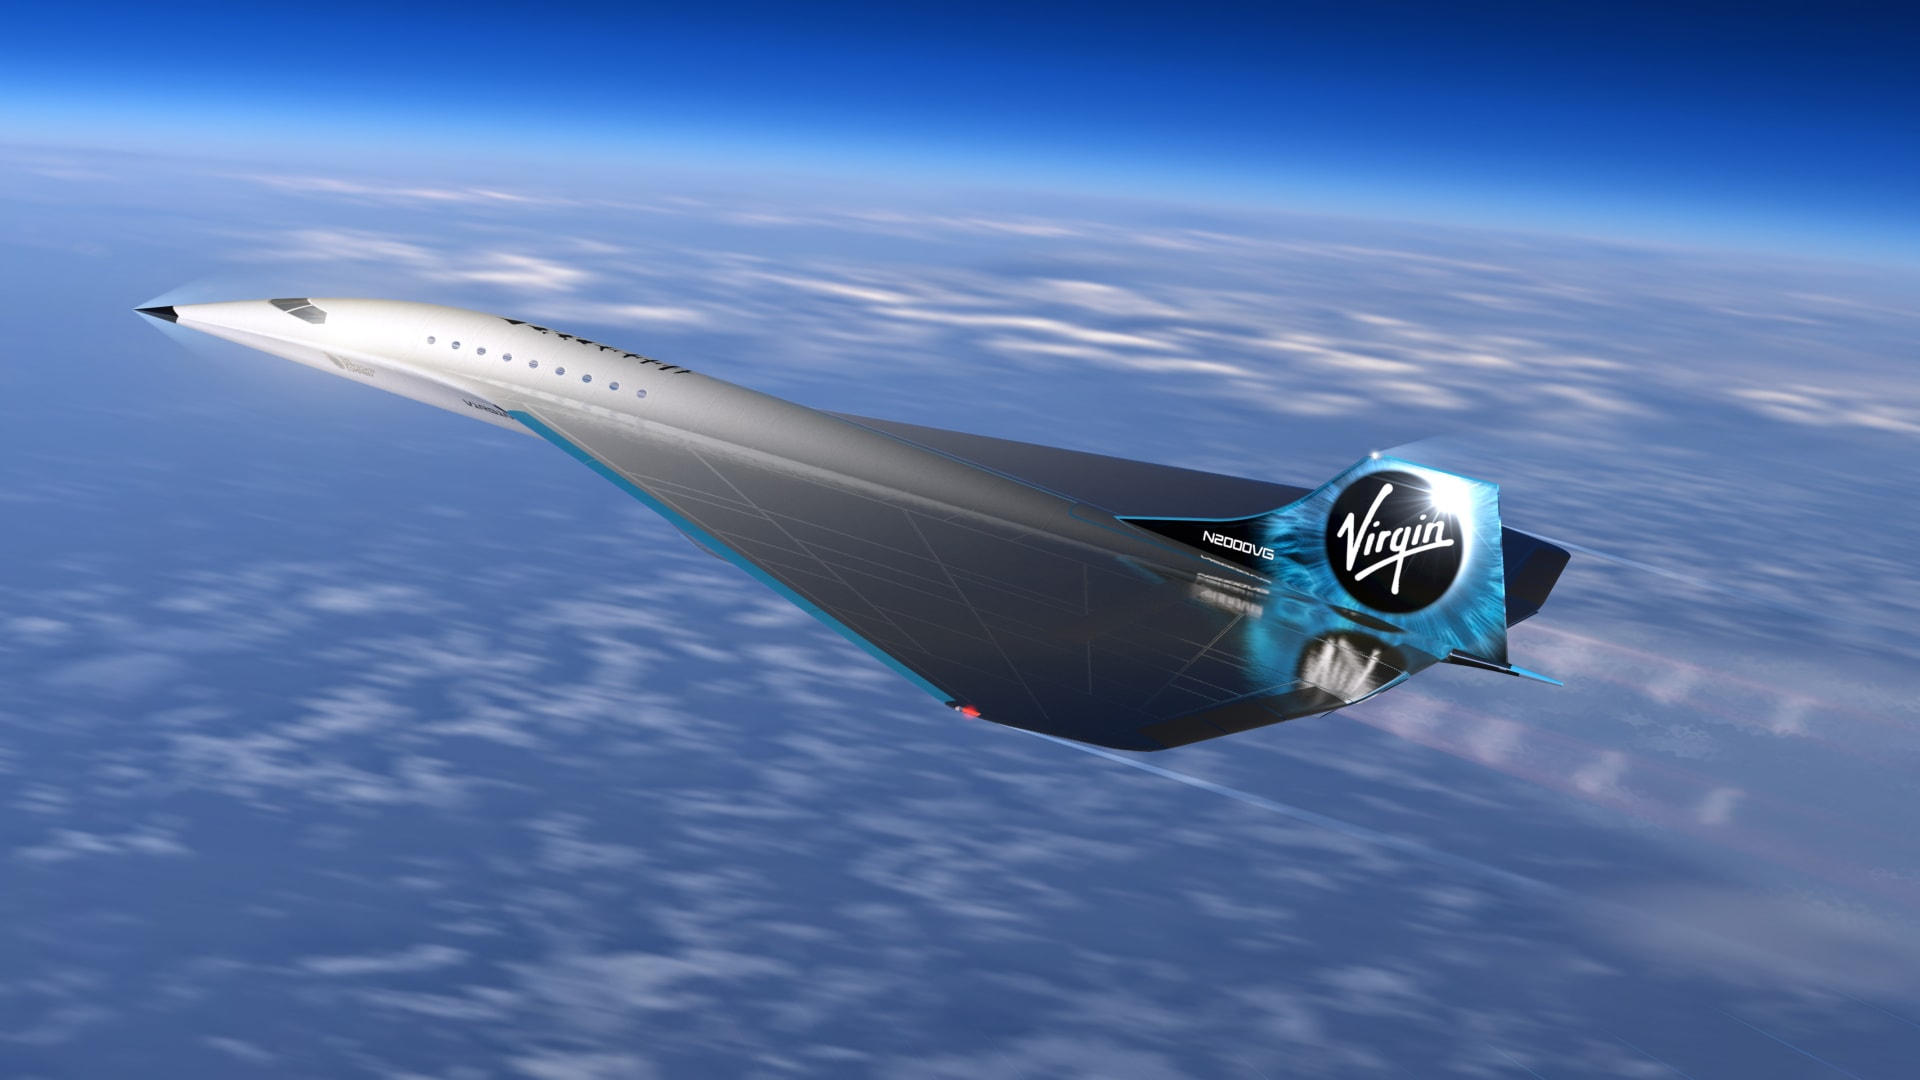 فيرجن غالاكتيك تكشف النقاب عن تصميم طائرة نفاثة تفوق سرعة الصوت بـ3 أضعاف